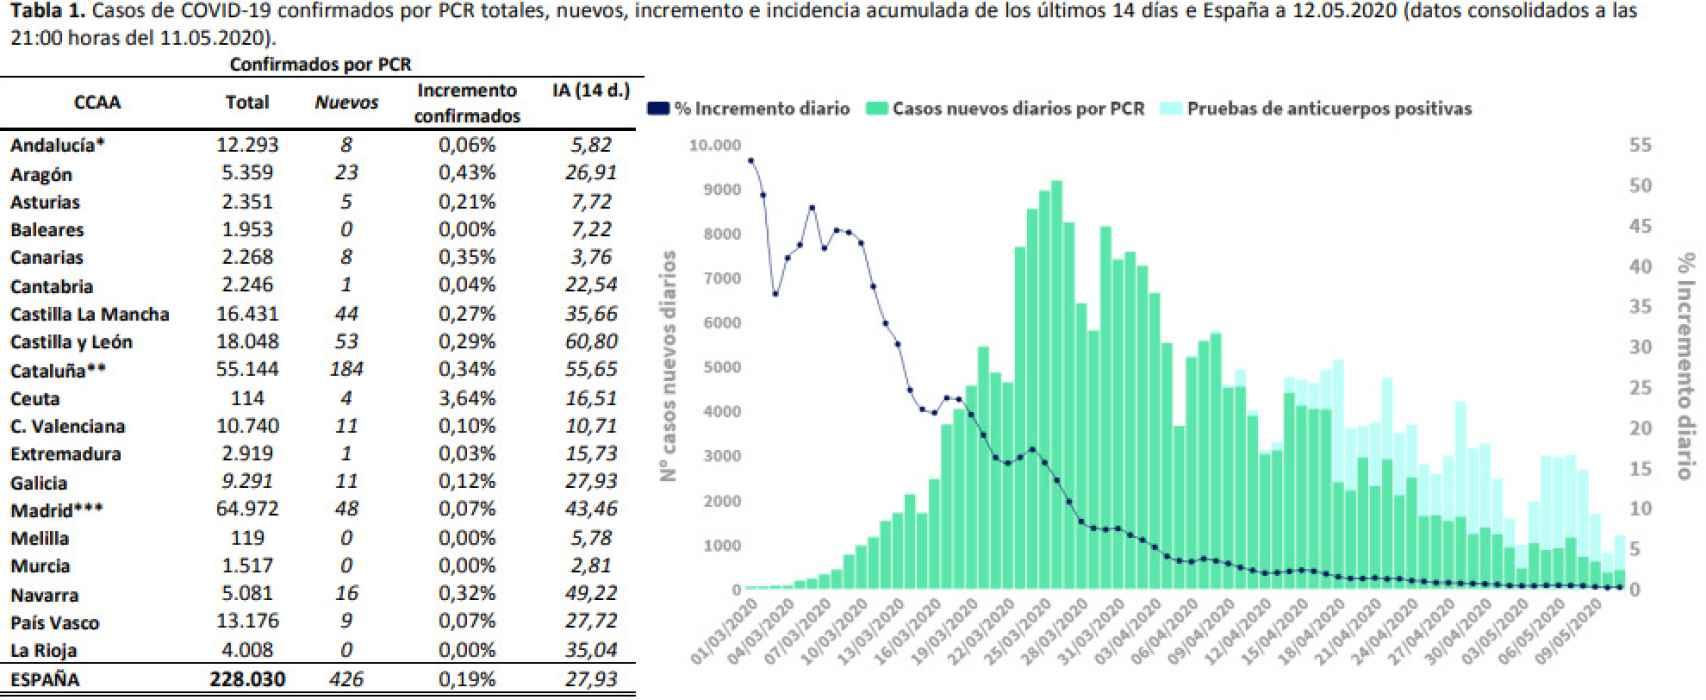 Casos confirmados por PCR desde el comienzo de la pandemia.